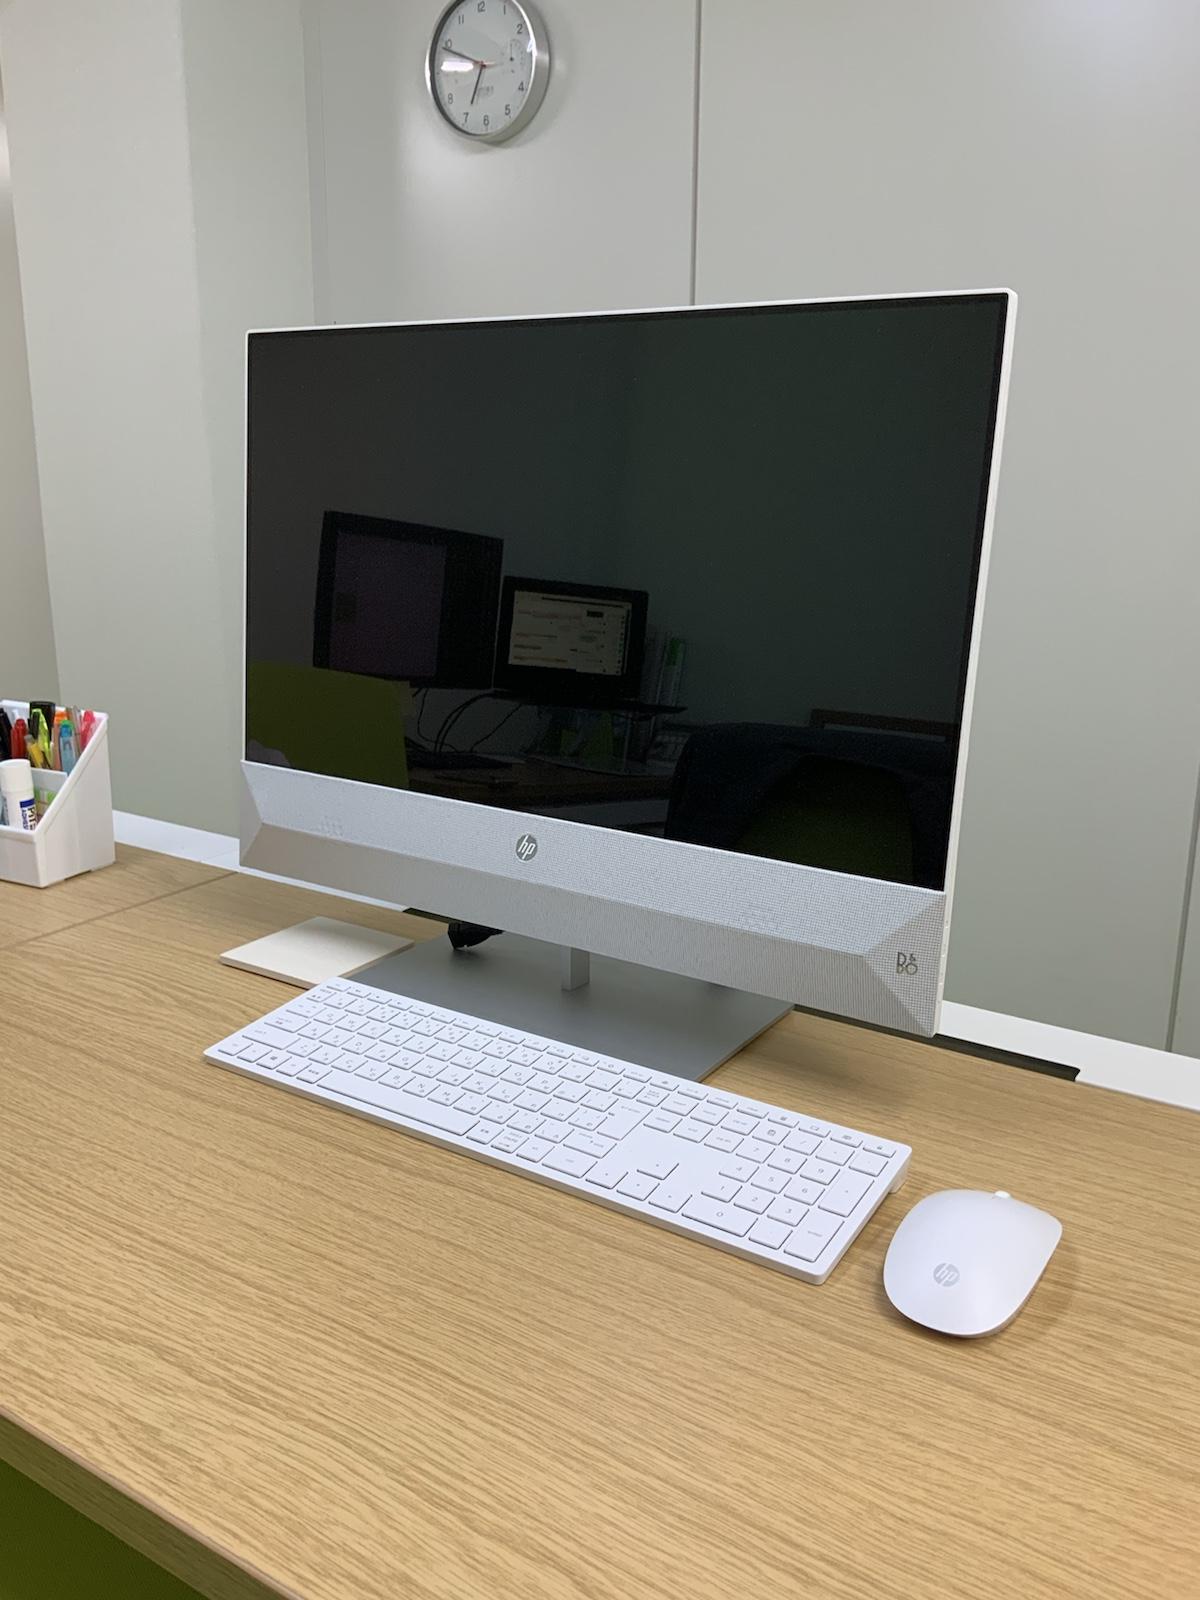 ヒューレットパッカードの一体型パソコン